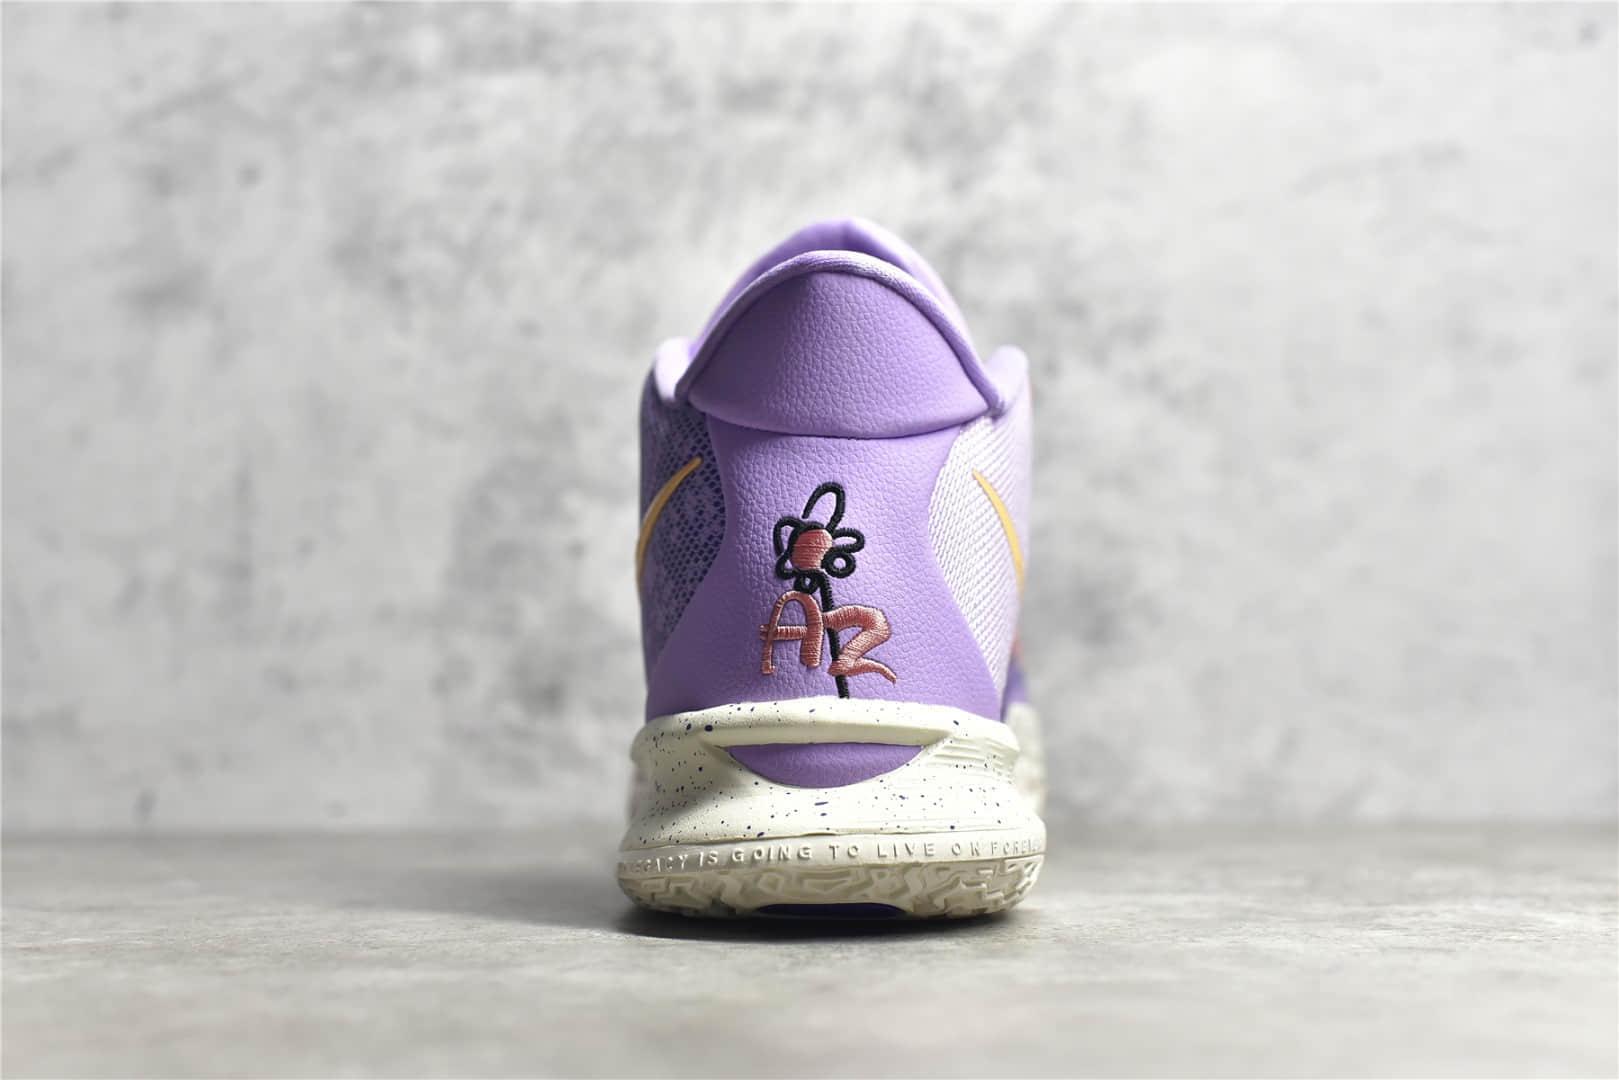 耐克欧文7薰衣草紫球鞋 Nike Kyrie 7